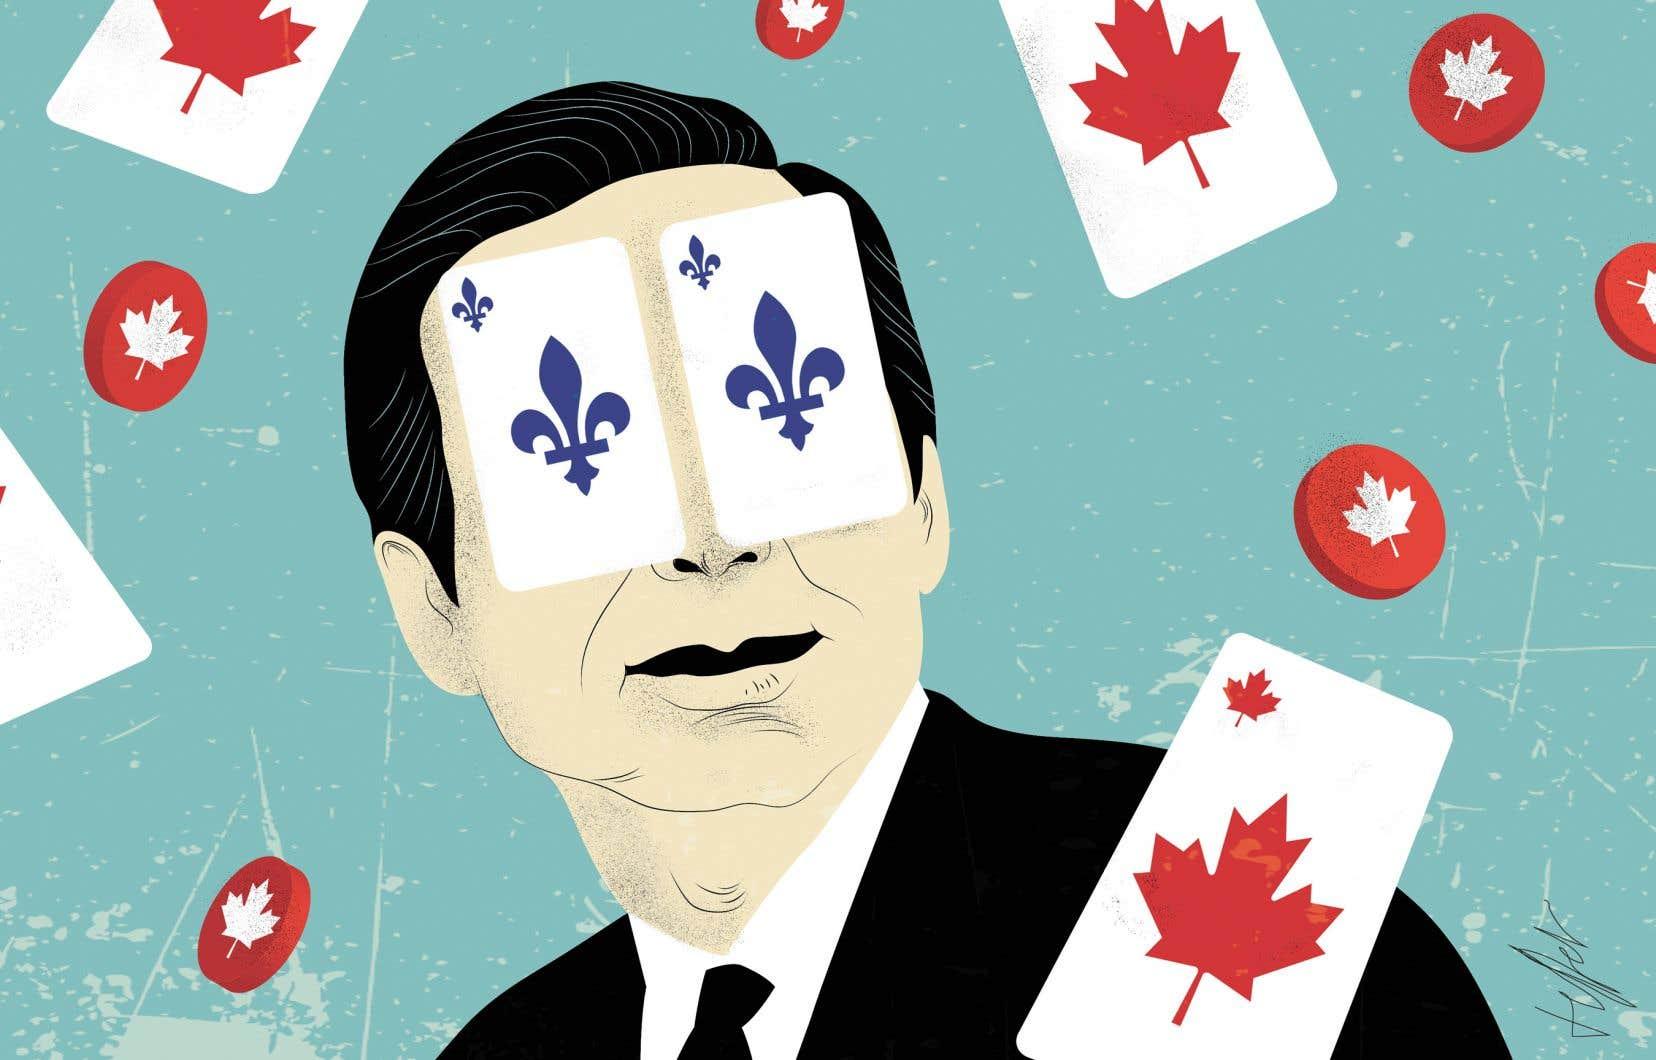 Par son inconstance, par ses hésitations, par son incapacité à établir et à défendre clairement les intérêts du Québec, le premier ministre Robert Bourassa s'est avéré être le principal artisan du cuisant échec de la Charte de Victoria de 1971.